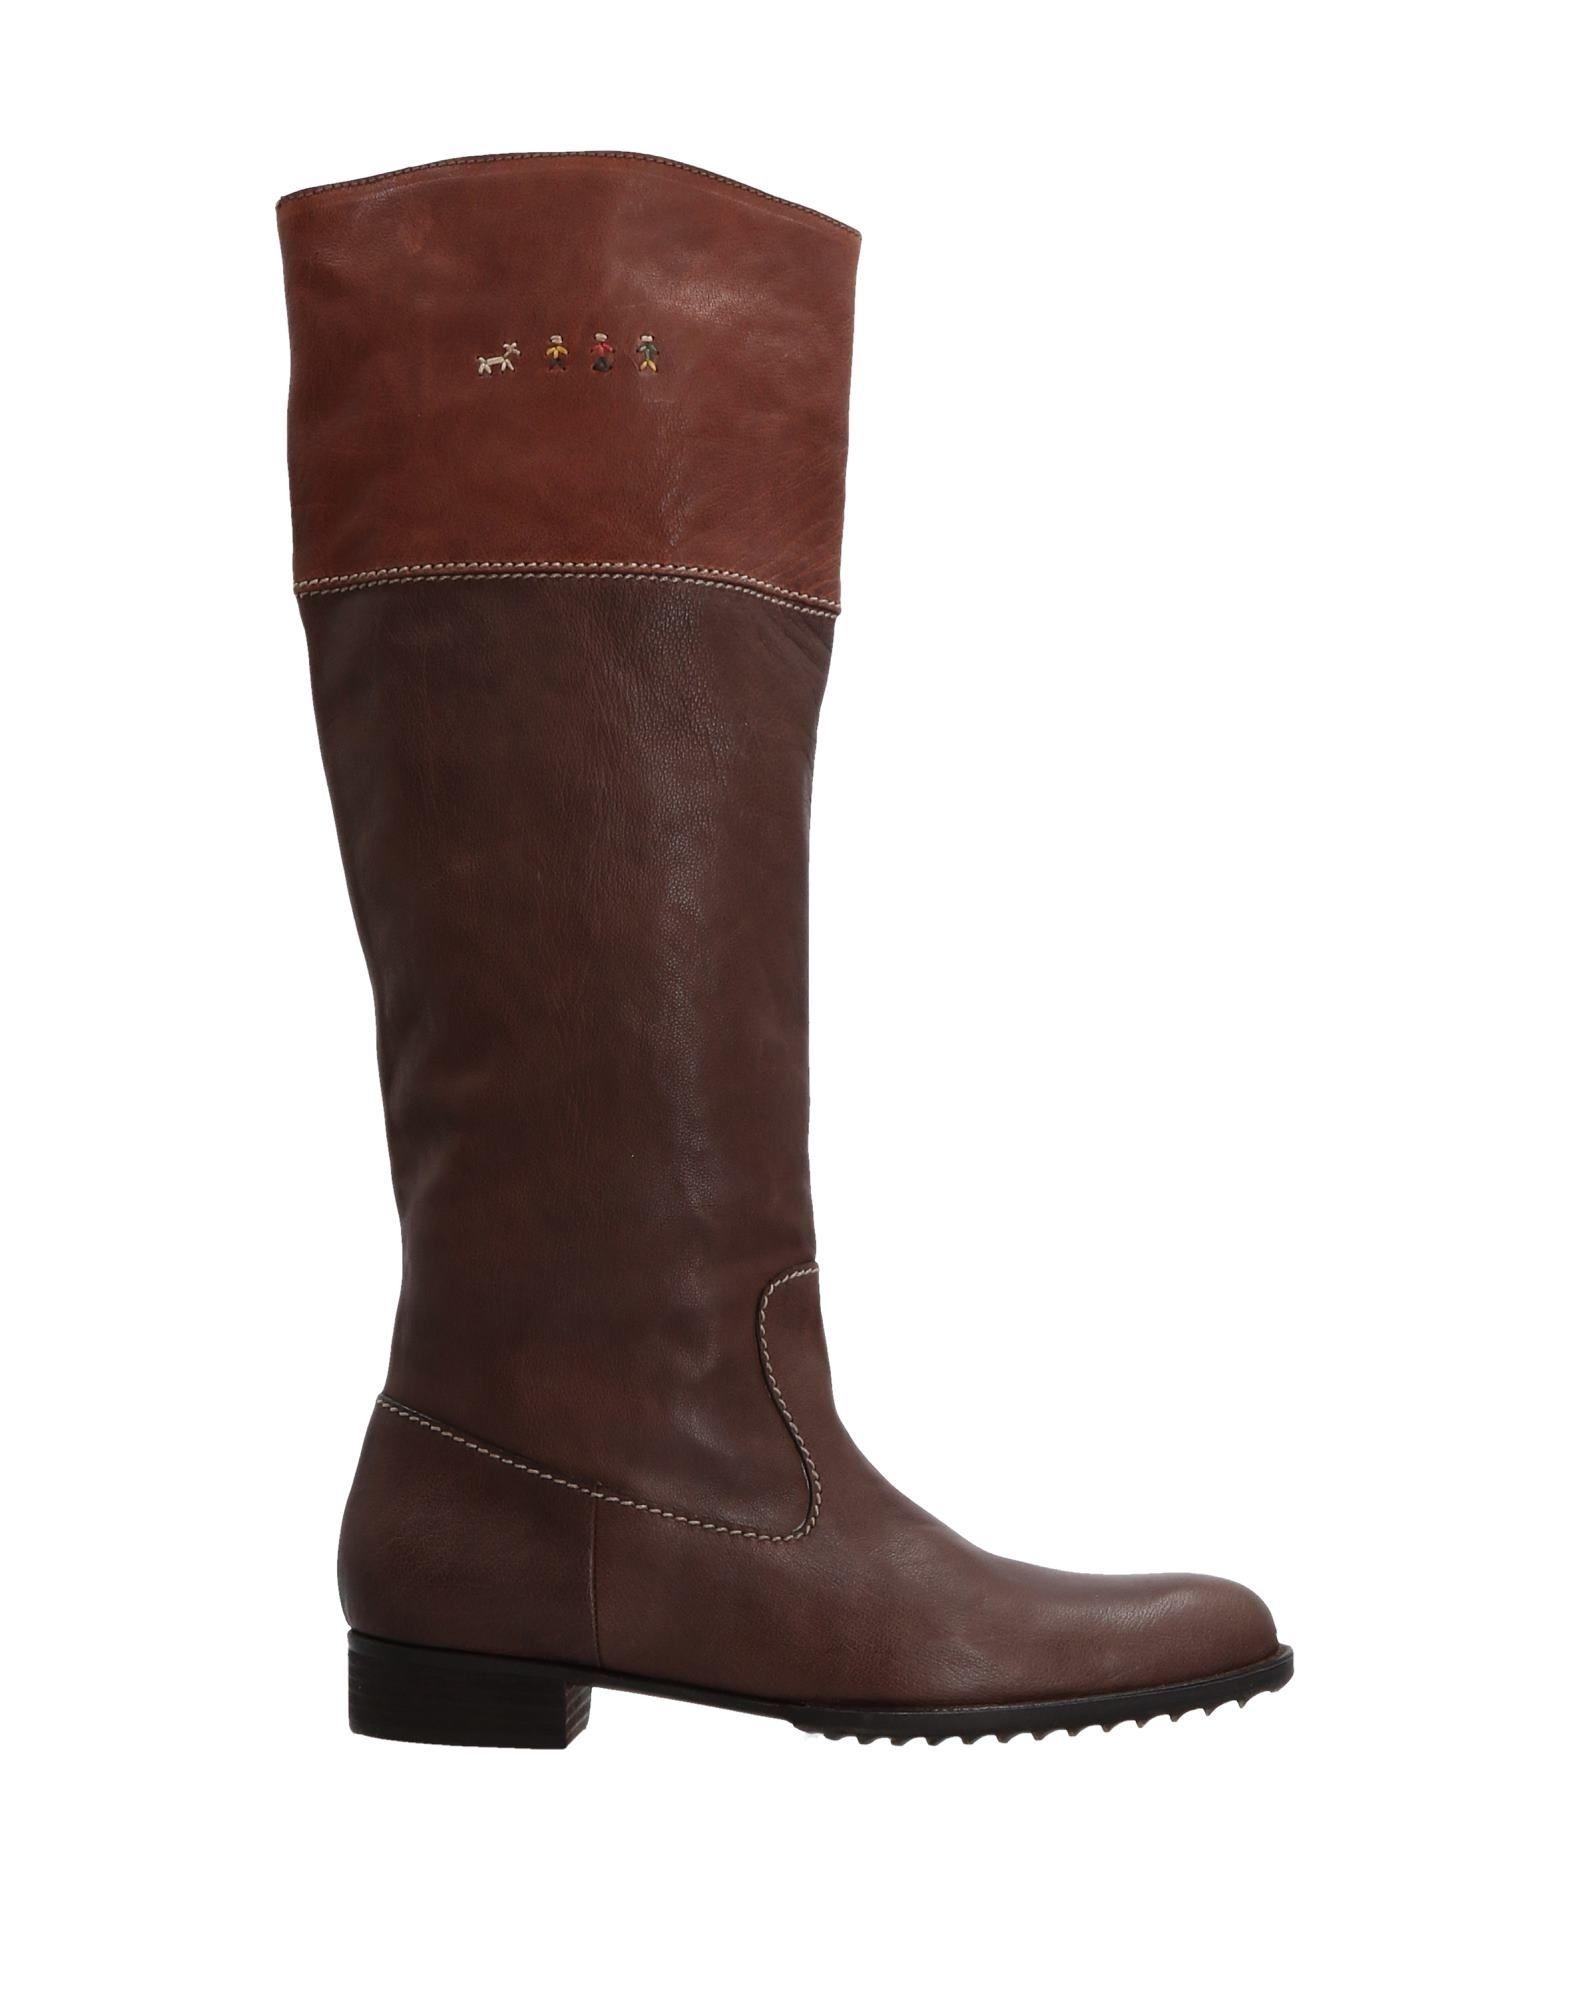 Henry Beguelin Stiefelette Herren  11523452XK Gute Qualität beliebte Schuhe